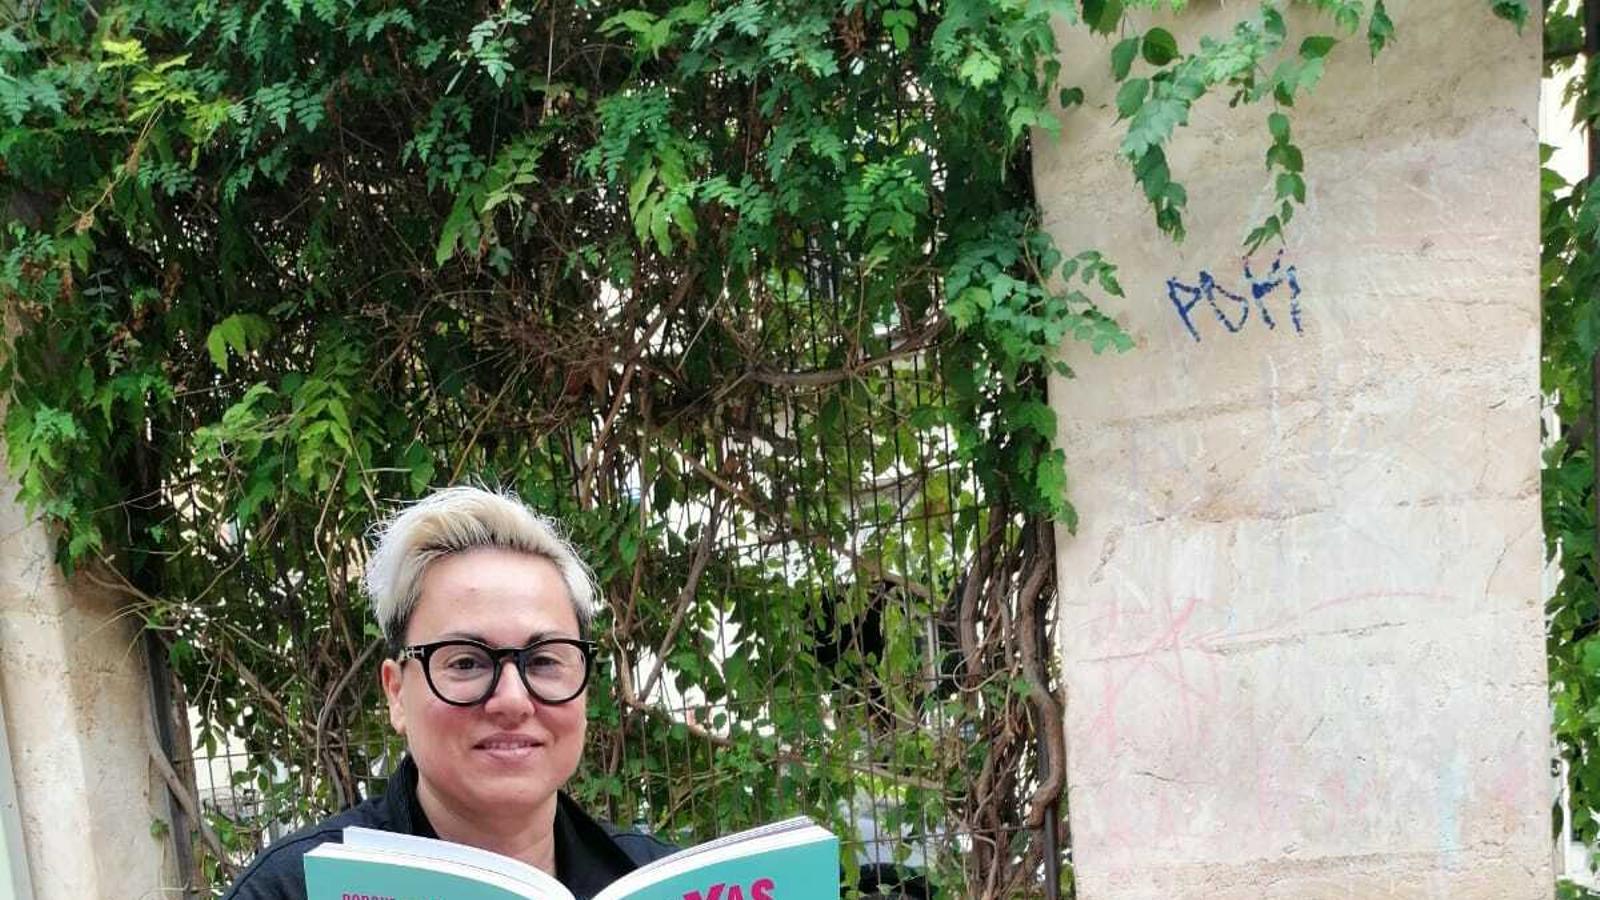 Sonia Vivas presentarà el manual 'Vivas nos queremos' el proper 26 d'octubre a Rata Corner